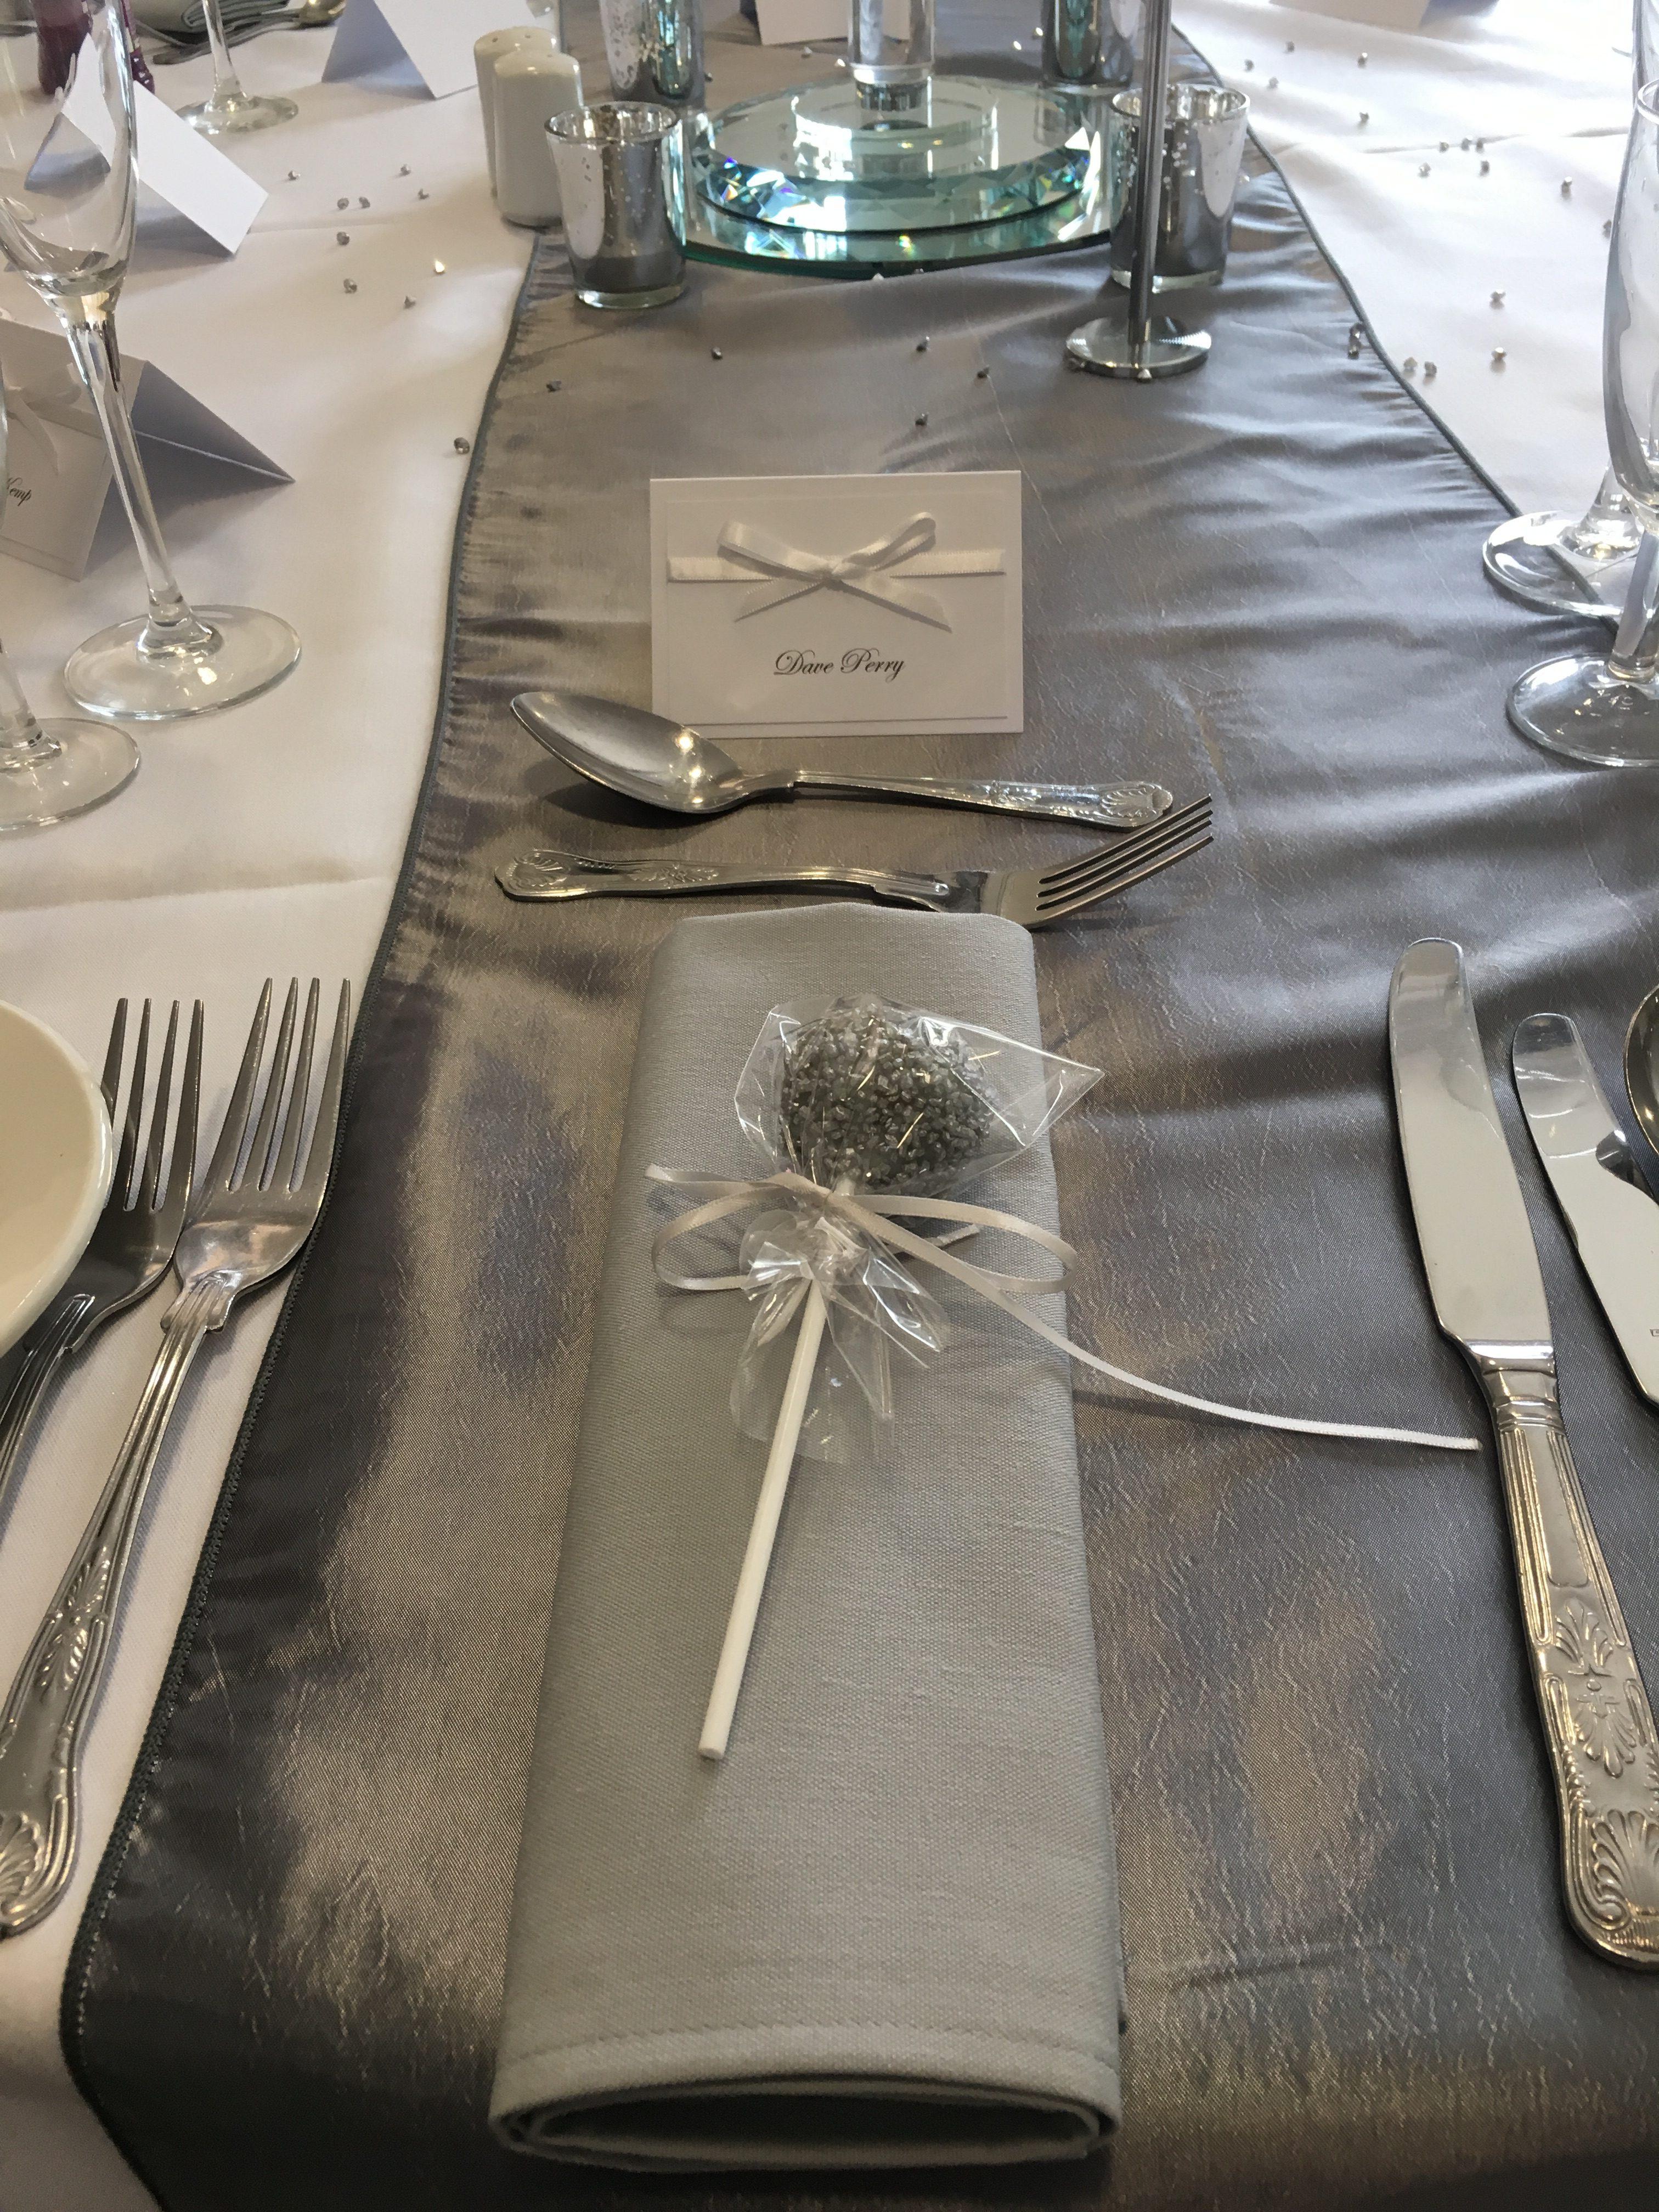 Glitter Silver Cake Pop Favours Sophia's Final Touch - Venue Styling - Weddings